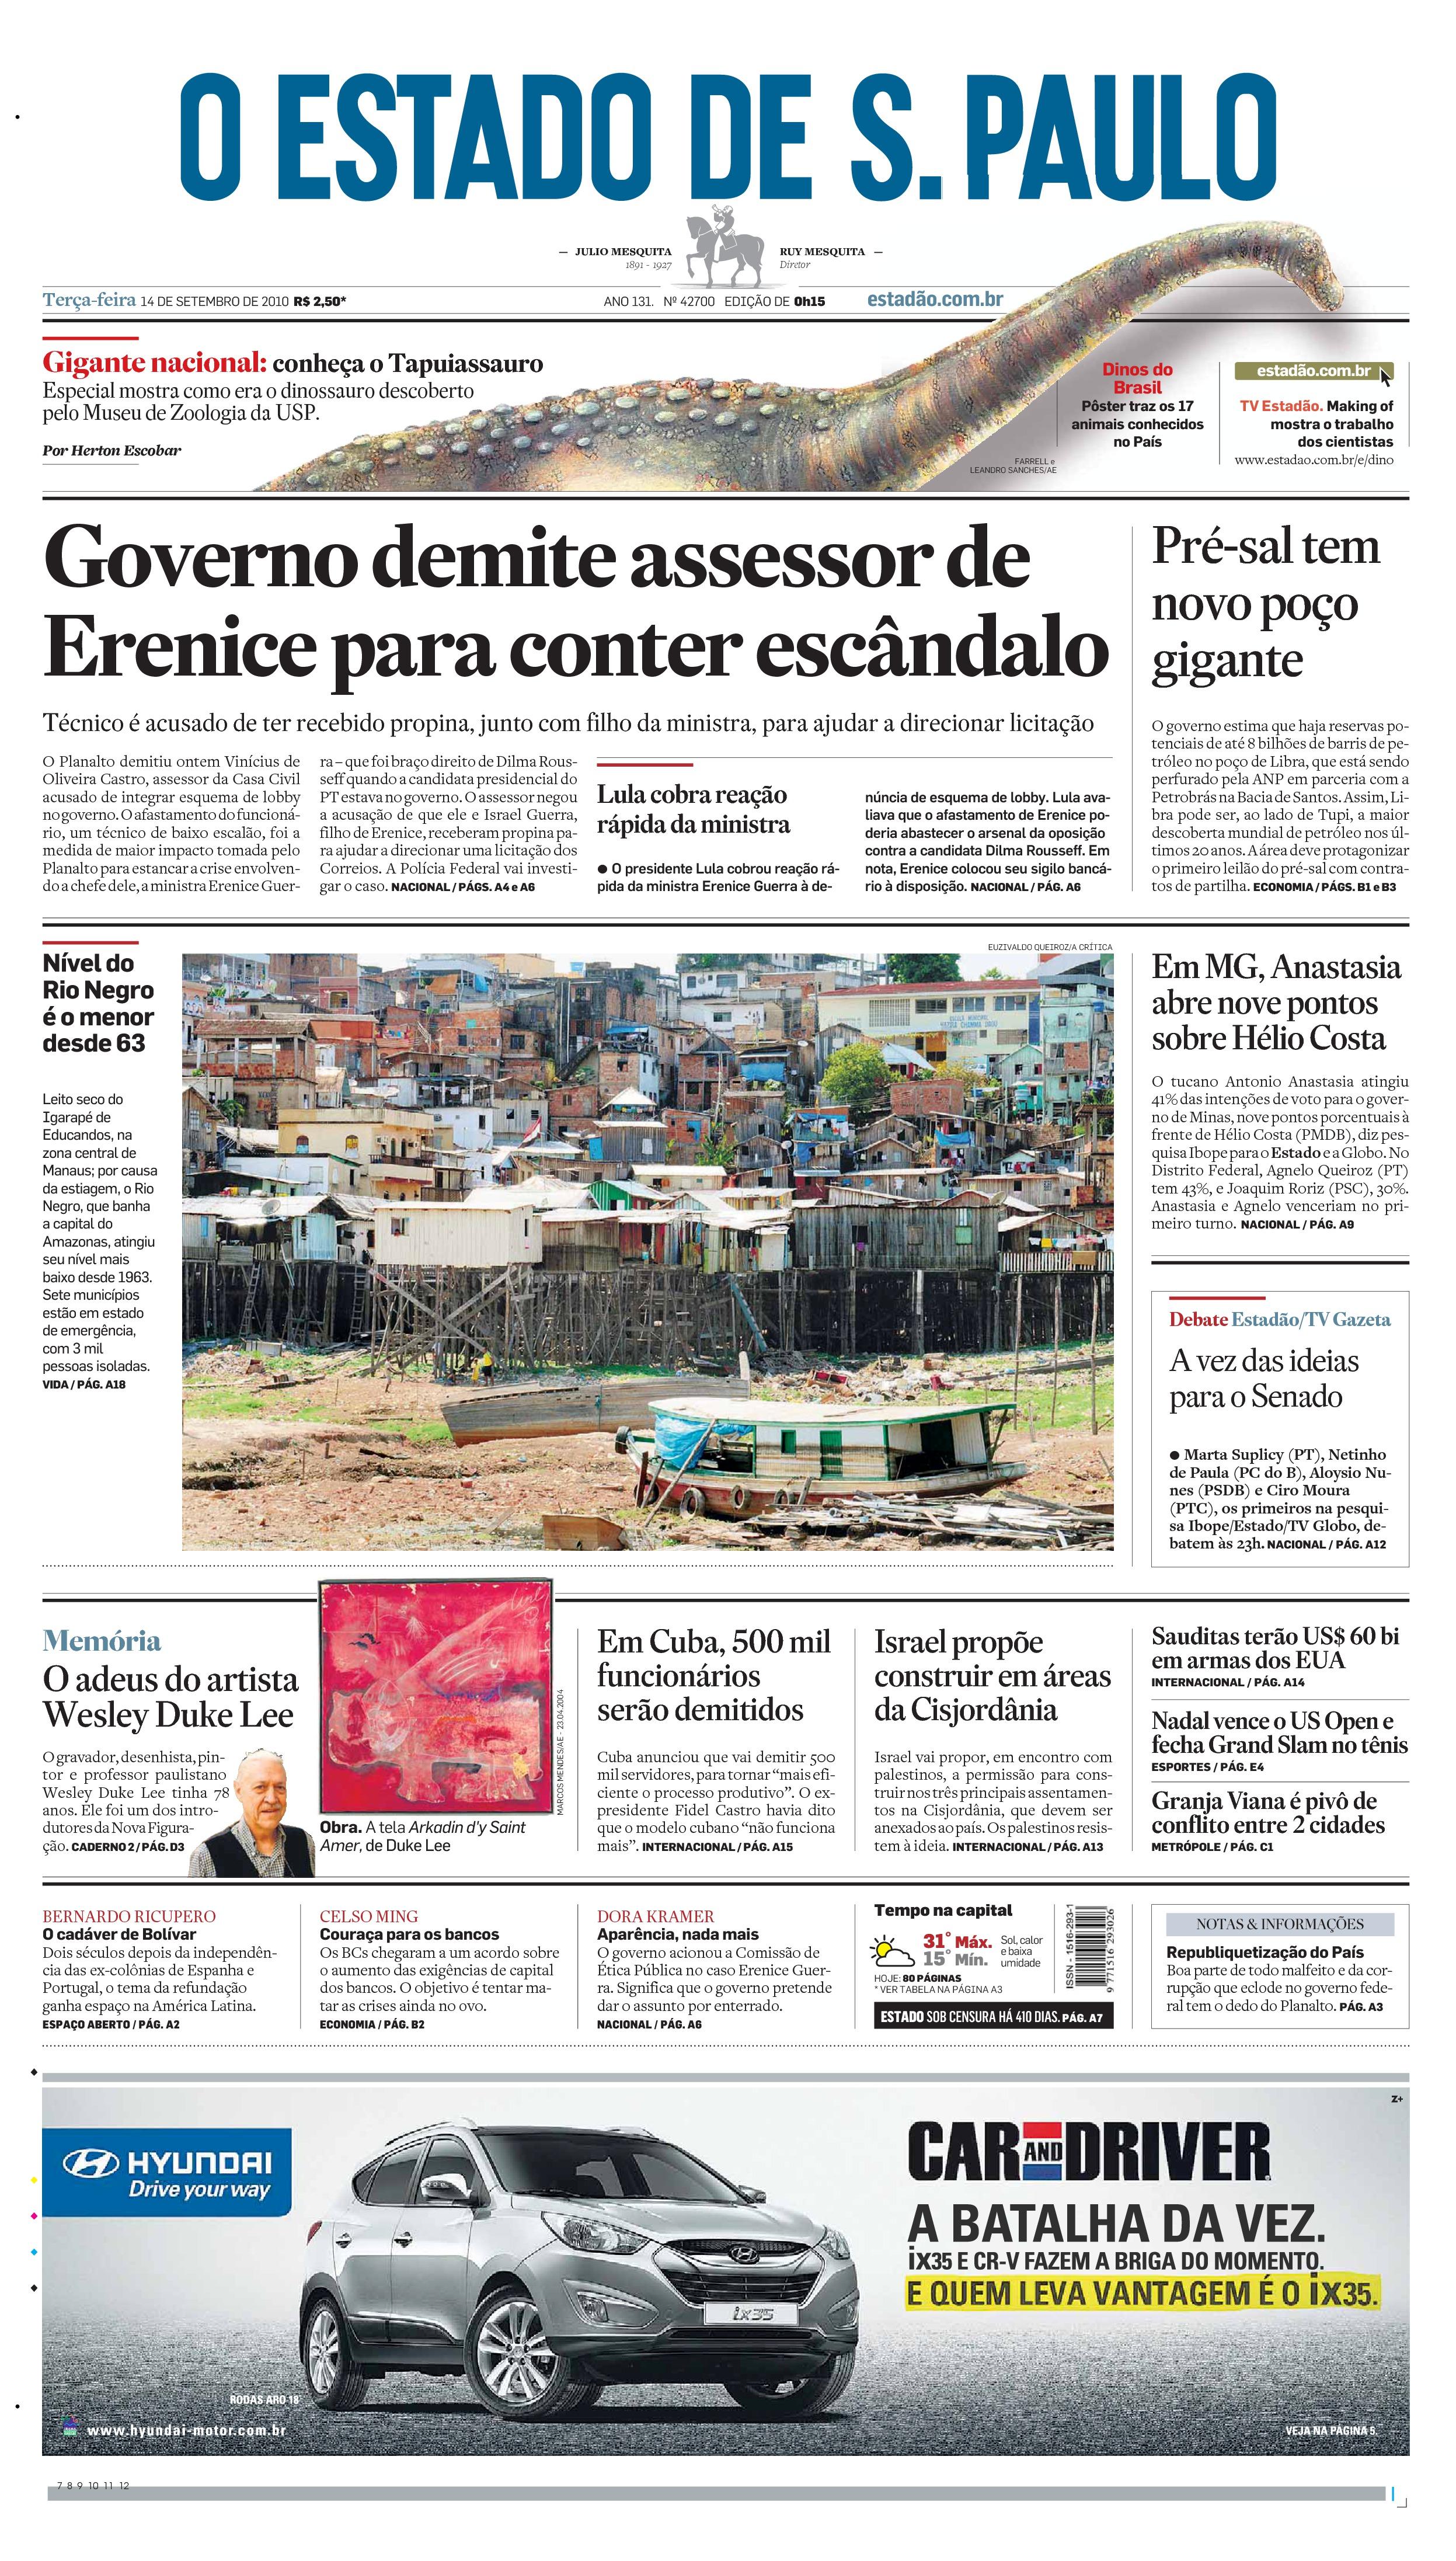 Dinossauros do Brasil - Caderno Especial (manchete)